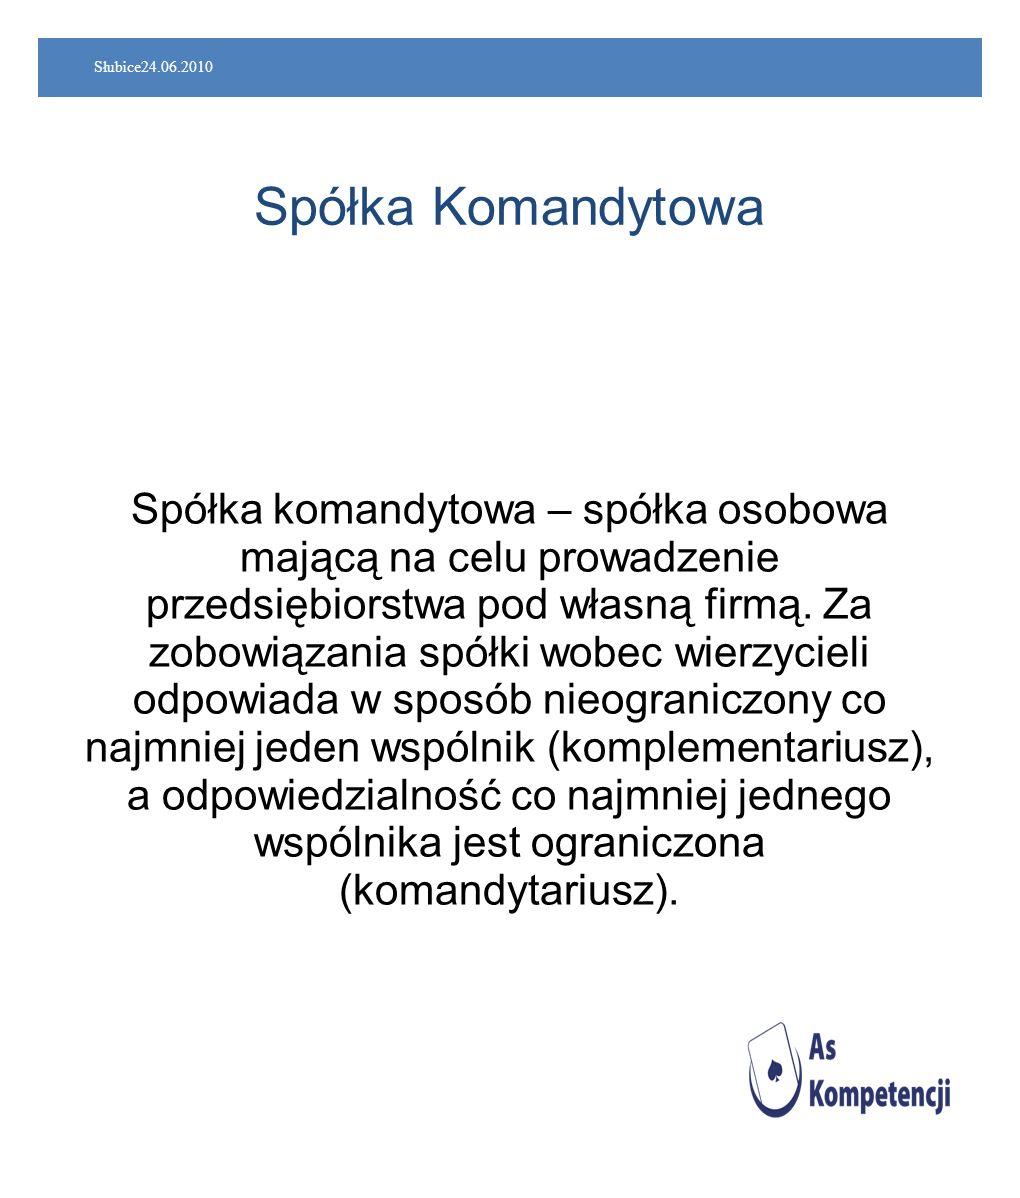 Słubice24.06.2010 Spółka Komandytowa.